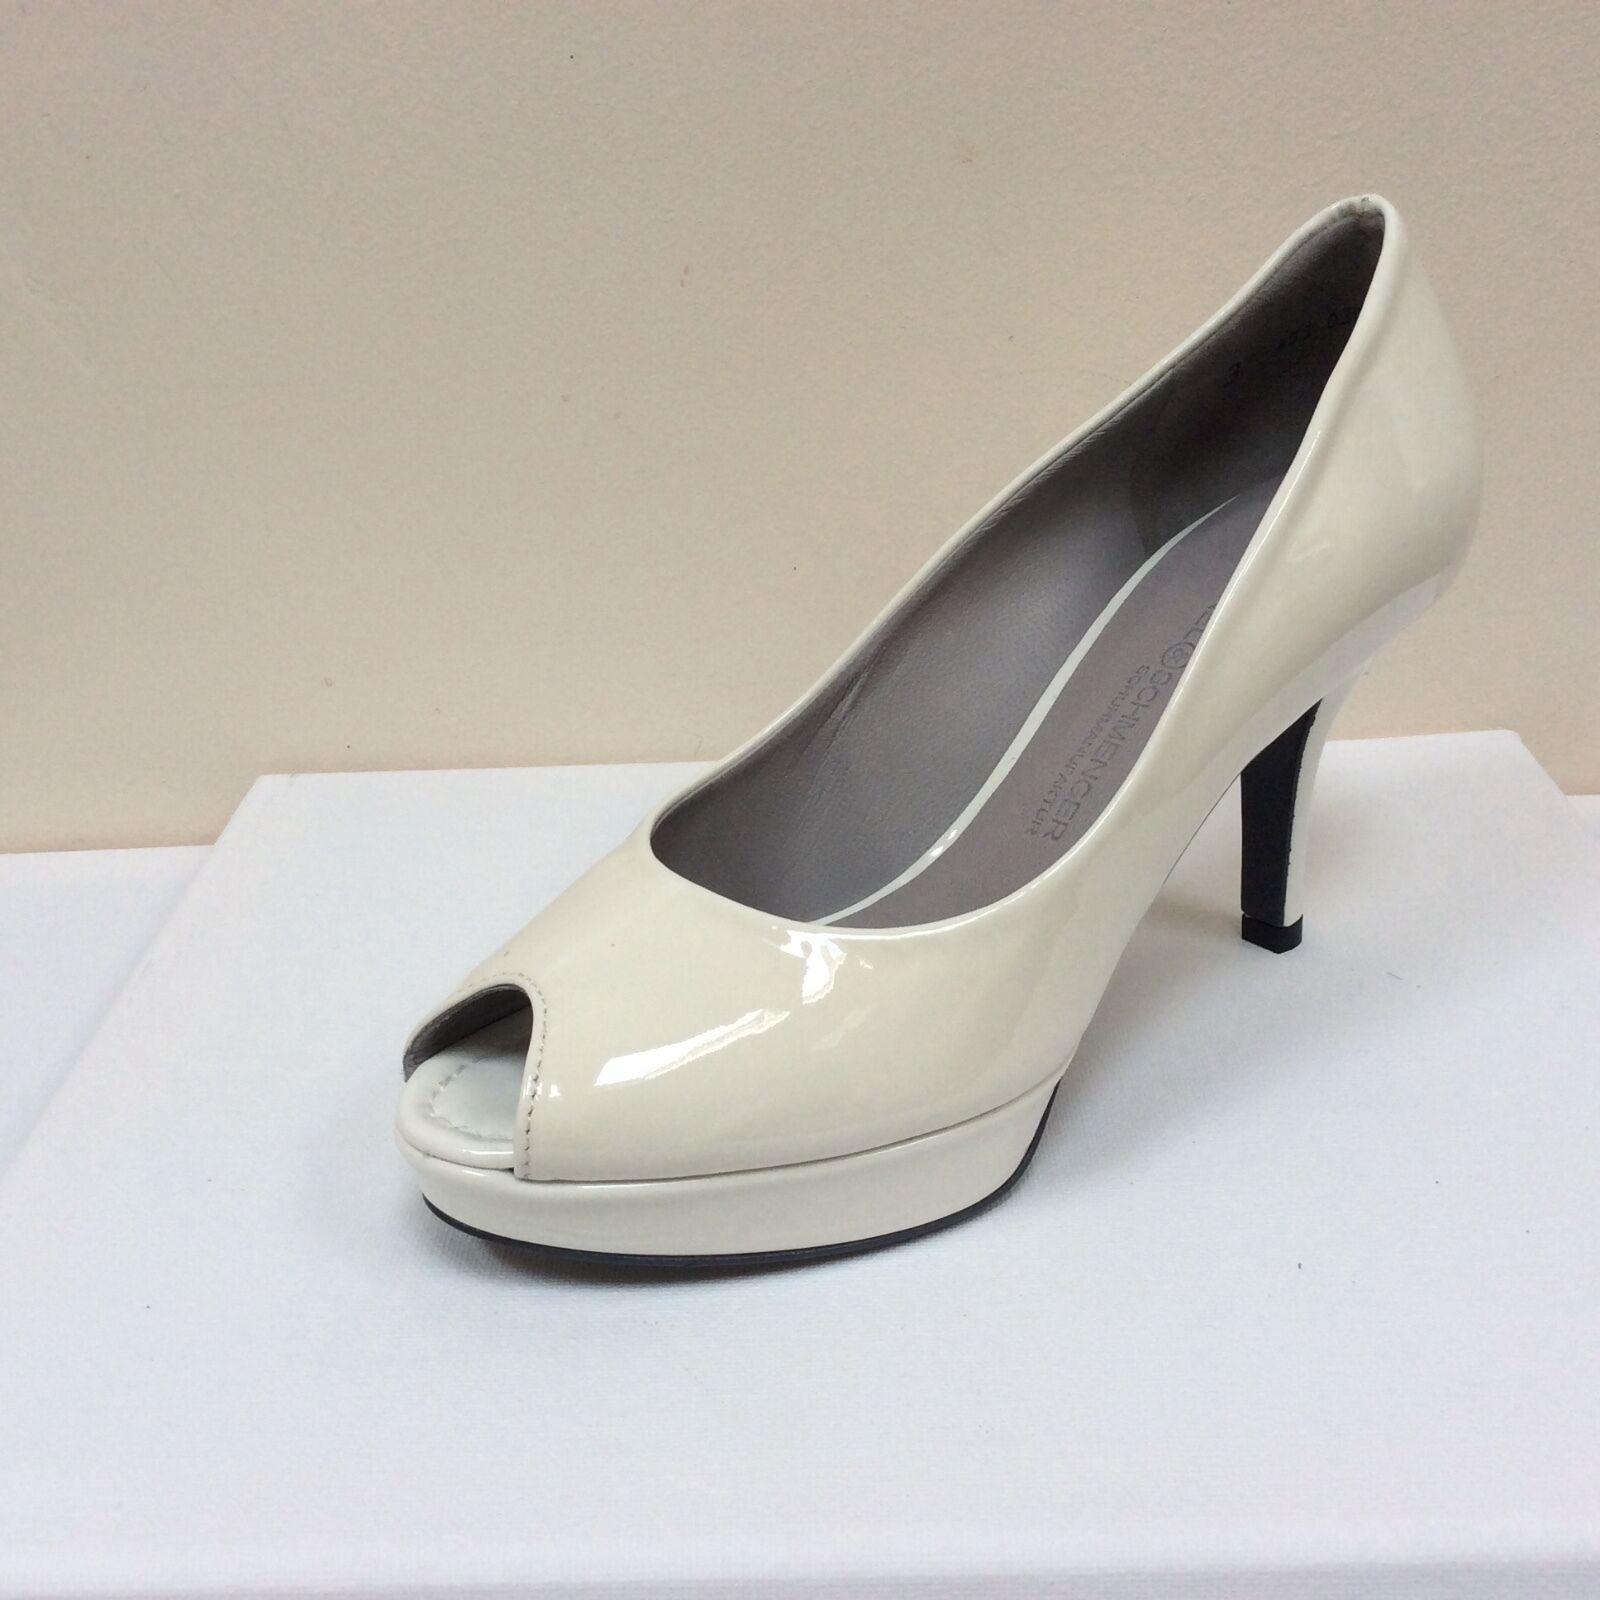 K&S WEISS patent peep toe platform court schuhe, UK 3.5/EU 36.5,   BNWB